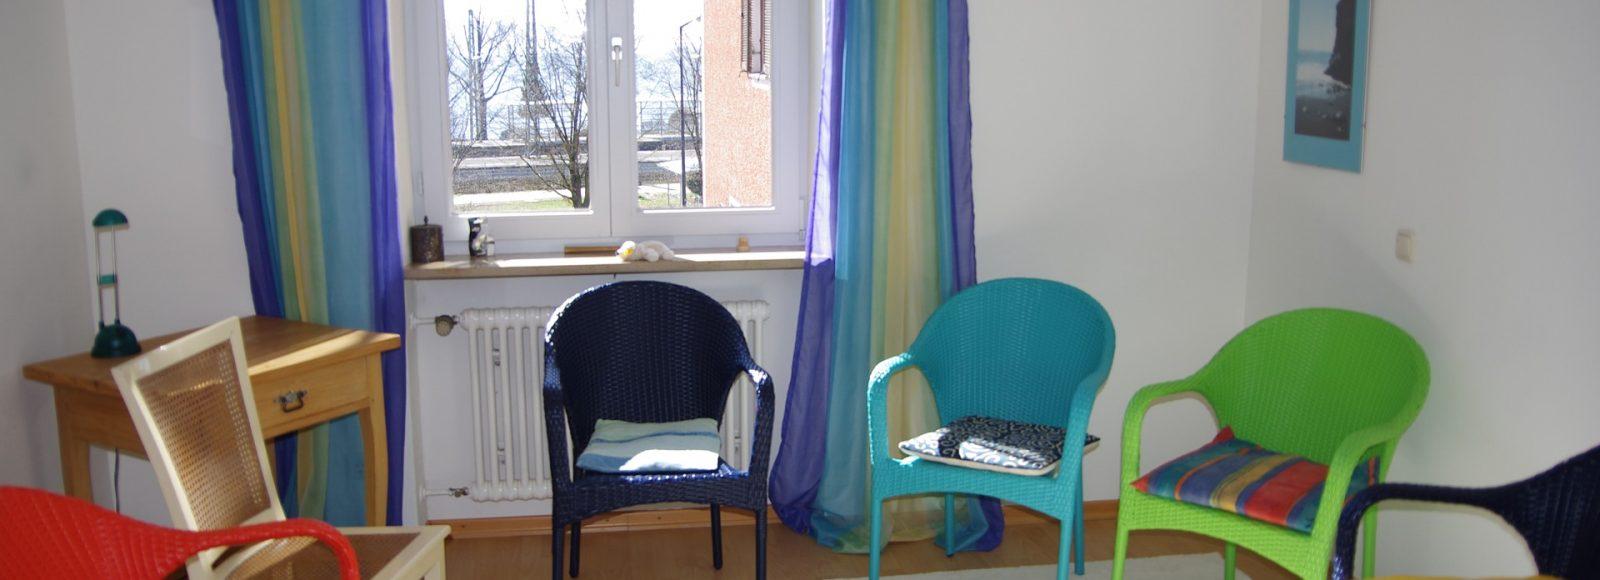 Psychoterapia grupowa - psycholog Dawid Frąckowiak - Poznań